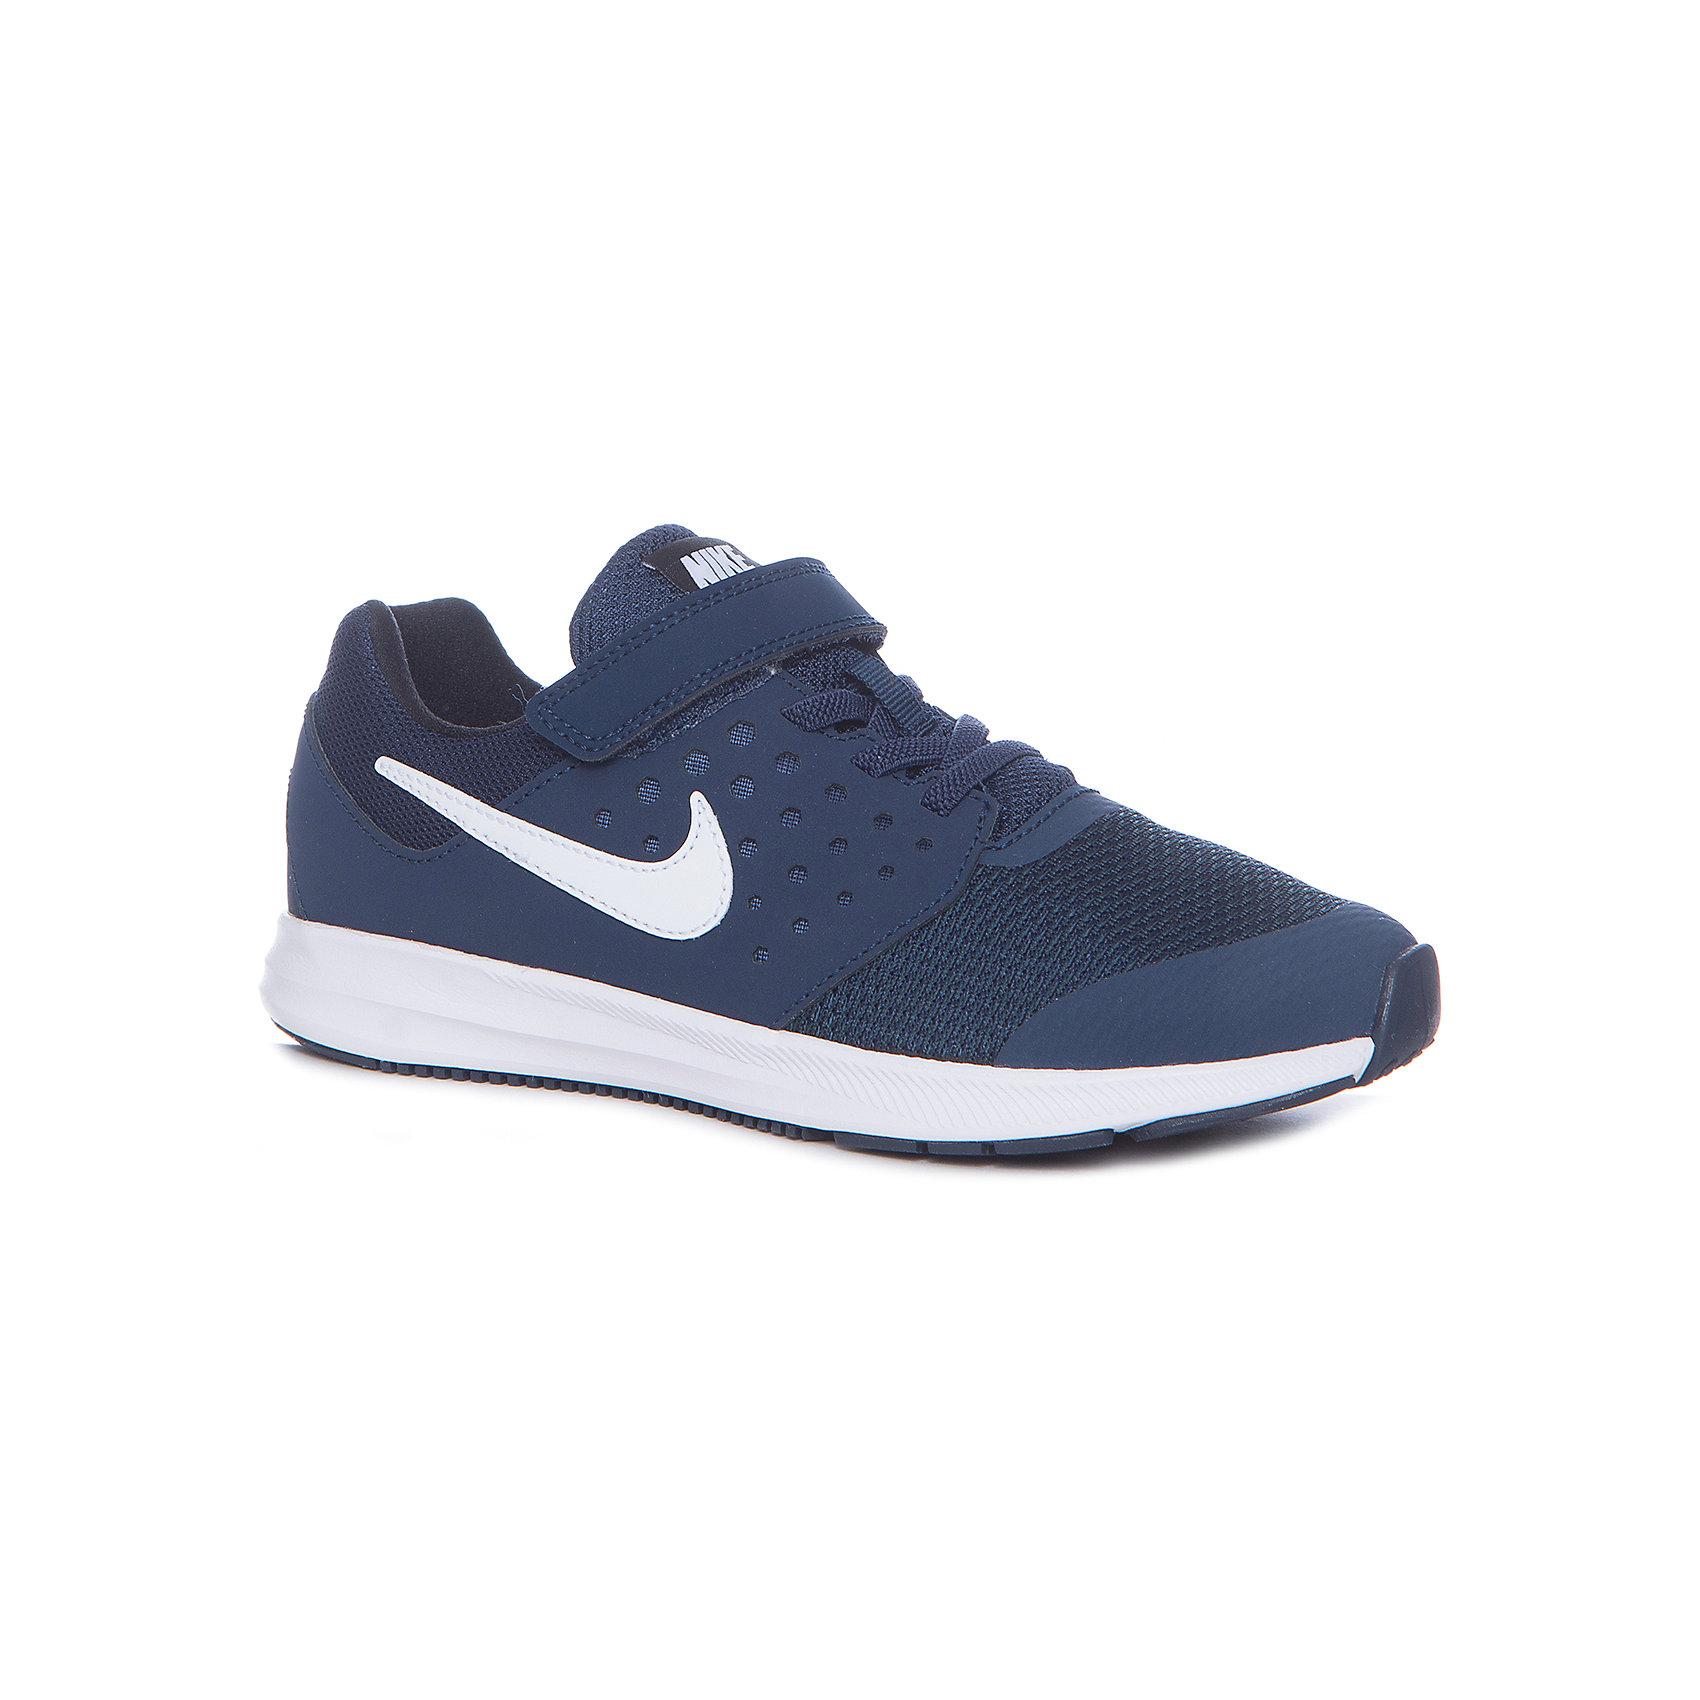 Кроссовки NIKEКроссовки<br>Кроссовки NIKE<br>Обувь спортивная Nike Downshifter 7. Промежуточная подошва из материала Phylon обеспечивает хорошую амортизацию. Канавки Flex Grooves позволяют обуви легко сгибаться, даря свободу и естественность движений. Подошва из износостойкой резины для отличного сцепления с поверхностью. Бесшовная конструкция для комфорта и поддержки ноги. Легкий сетчатый верх гарантирует превосходный воздухообмен.<br>Состав:<br>верх: кожа 48%, текстиль 36%,, синт.кожа 16%, внутри: текстиль 100%,, подошва: резина 90%, пластик 10%<br><br>Ширина мм: 250<br>Глубина мм: 150<br>Высота мм: 150<br>Вес г: 250<br>Цвет: синий<br>Возраст от месяцев: 36<br>Возраст до месяцев: 48<br>Пол: Унисекс<br>Возраст: Детский<br>Размер: 31,34,33.5,33,32,31.5,30,29,28.5,28,26.5,27.5<br>SKU: 6772147